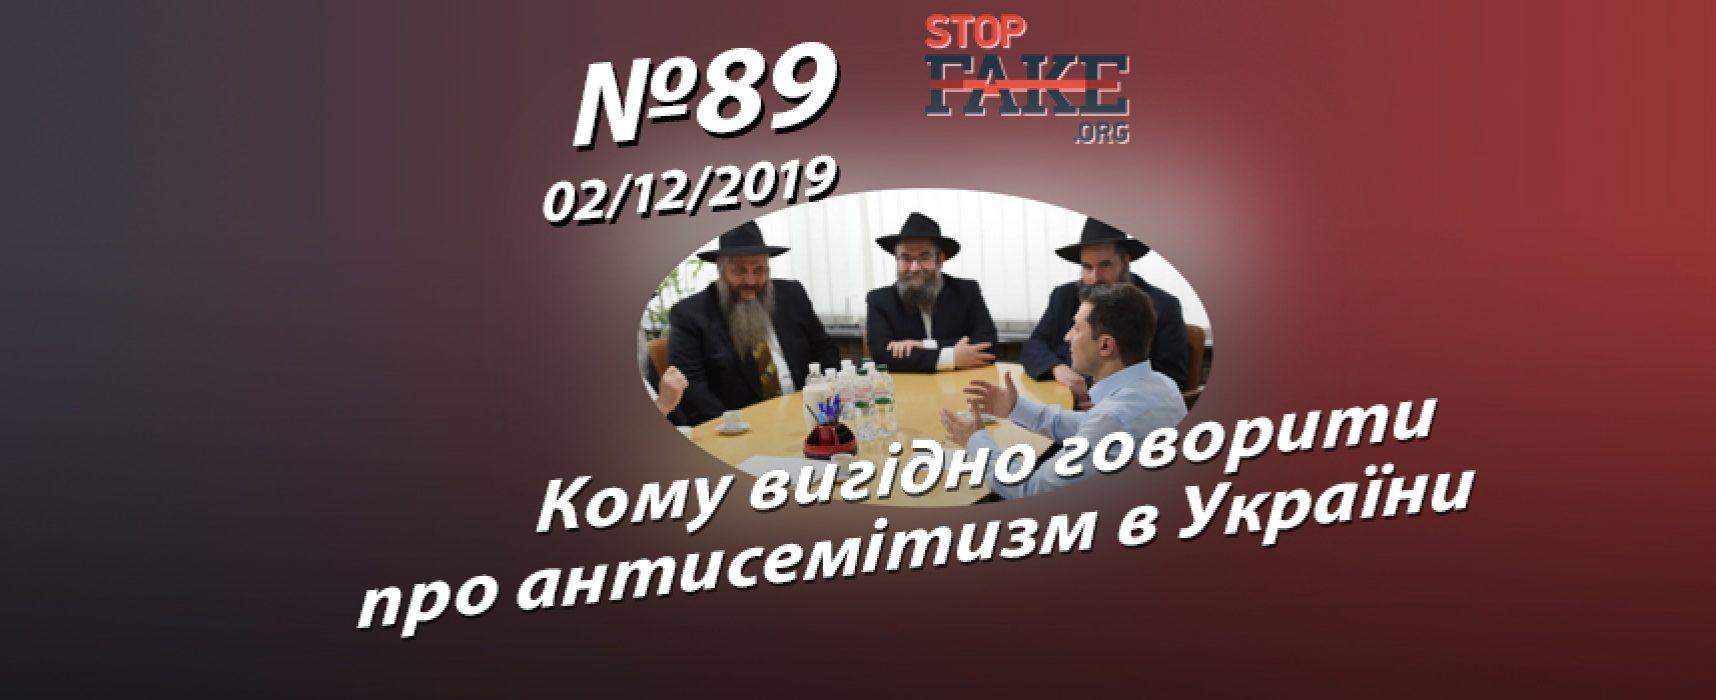 Кому вигідно говорити про антисемітизм в України – StopFake.org